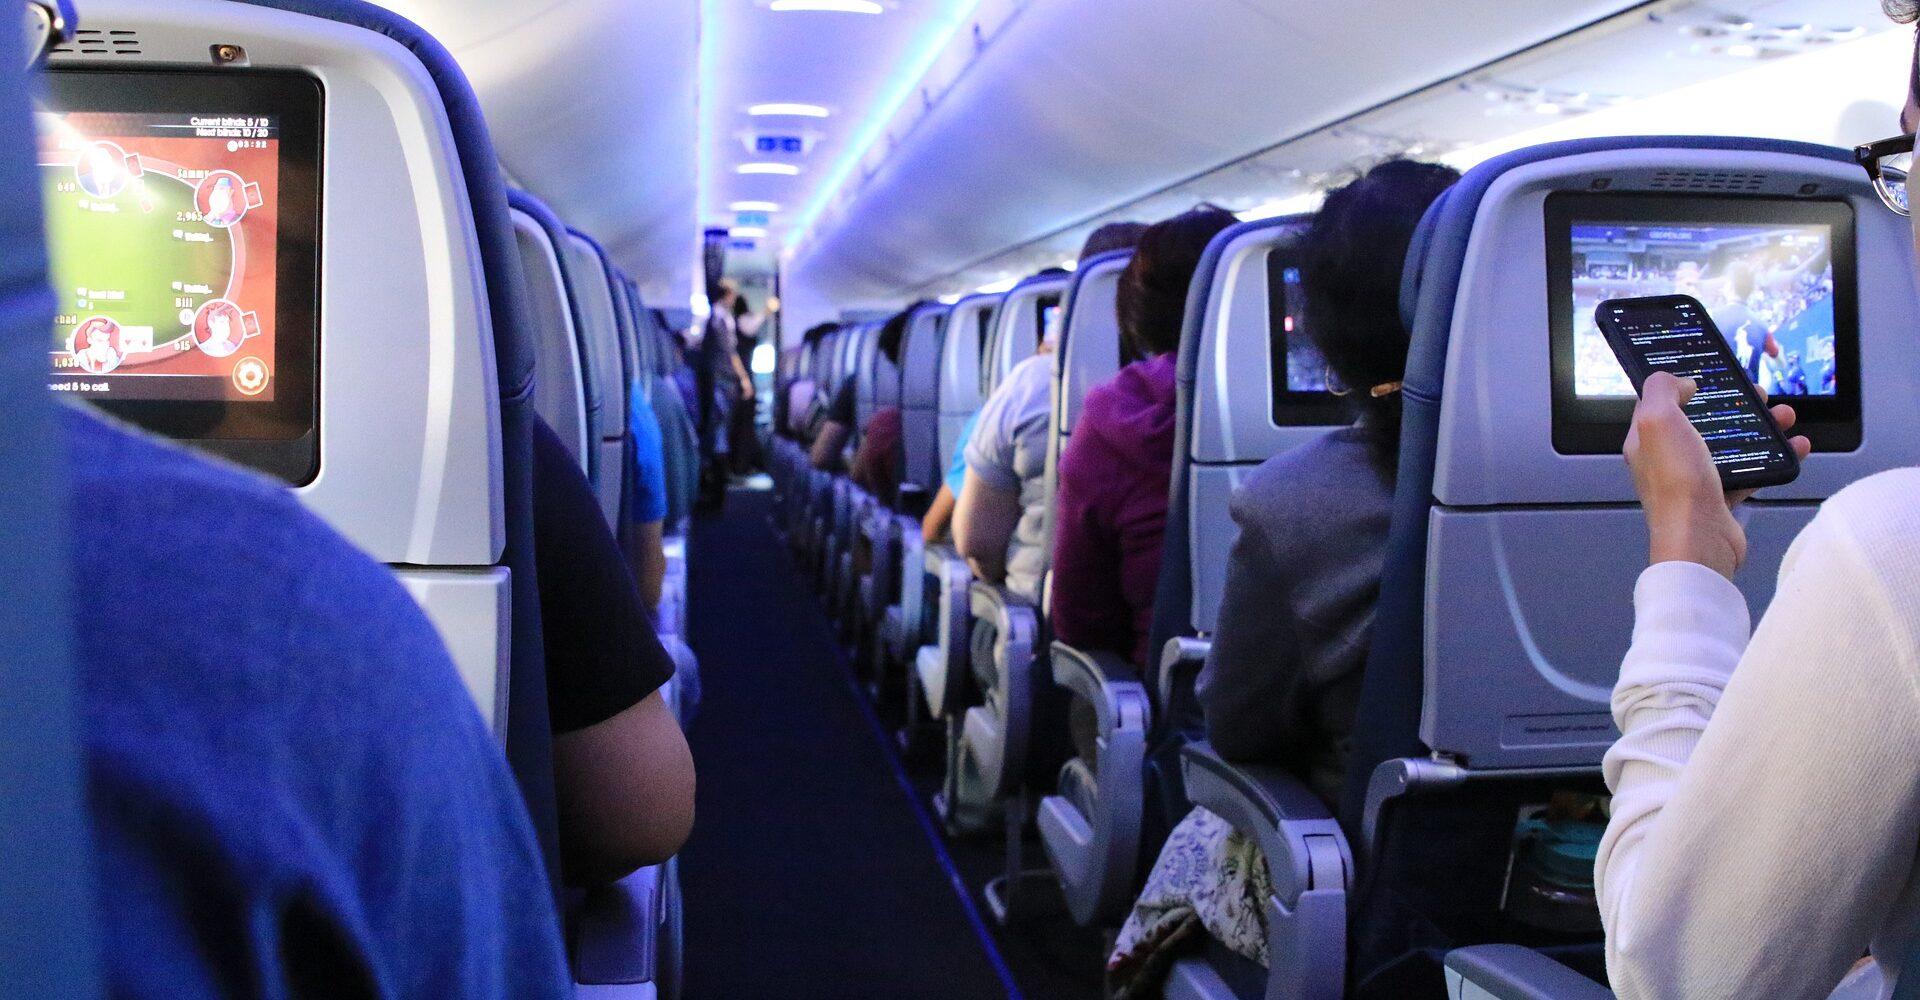 letadlo připojení